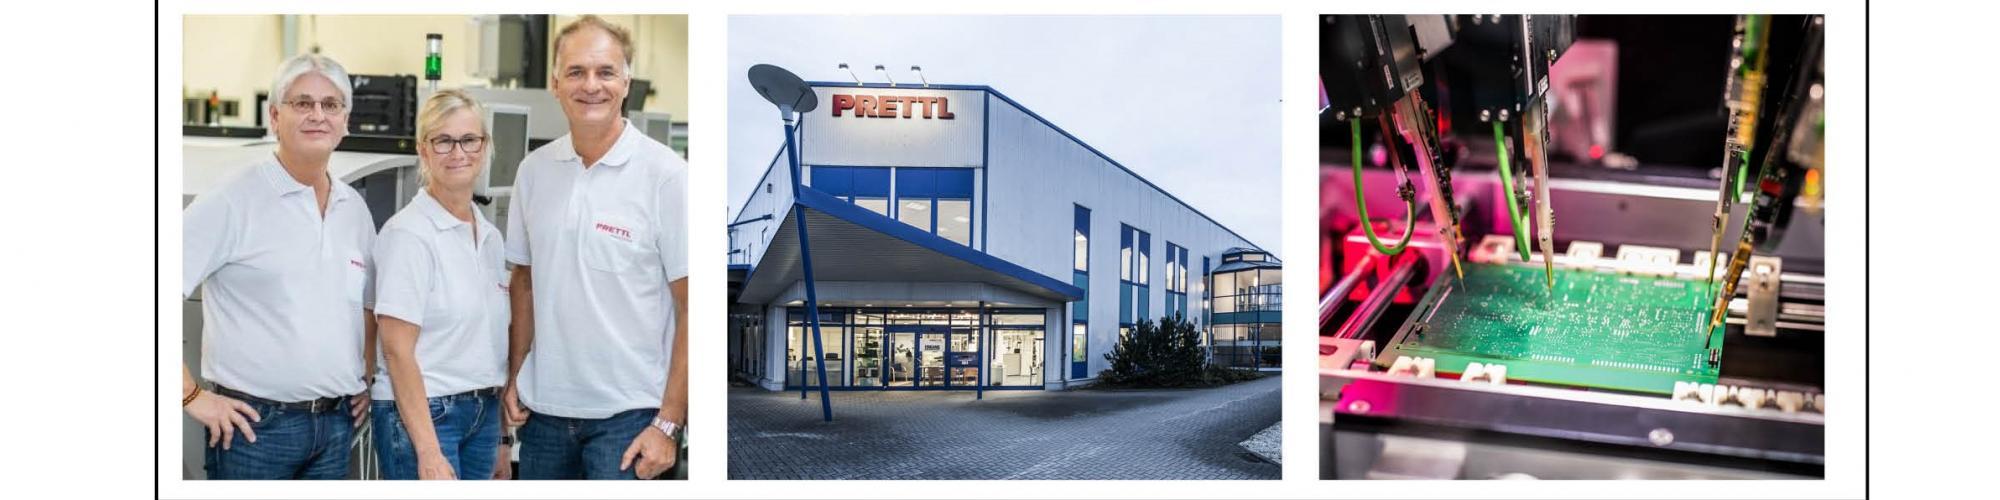 PRETTL Electronics Lübeck GmbH